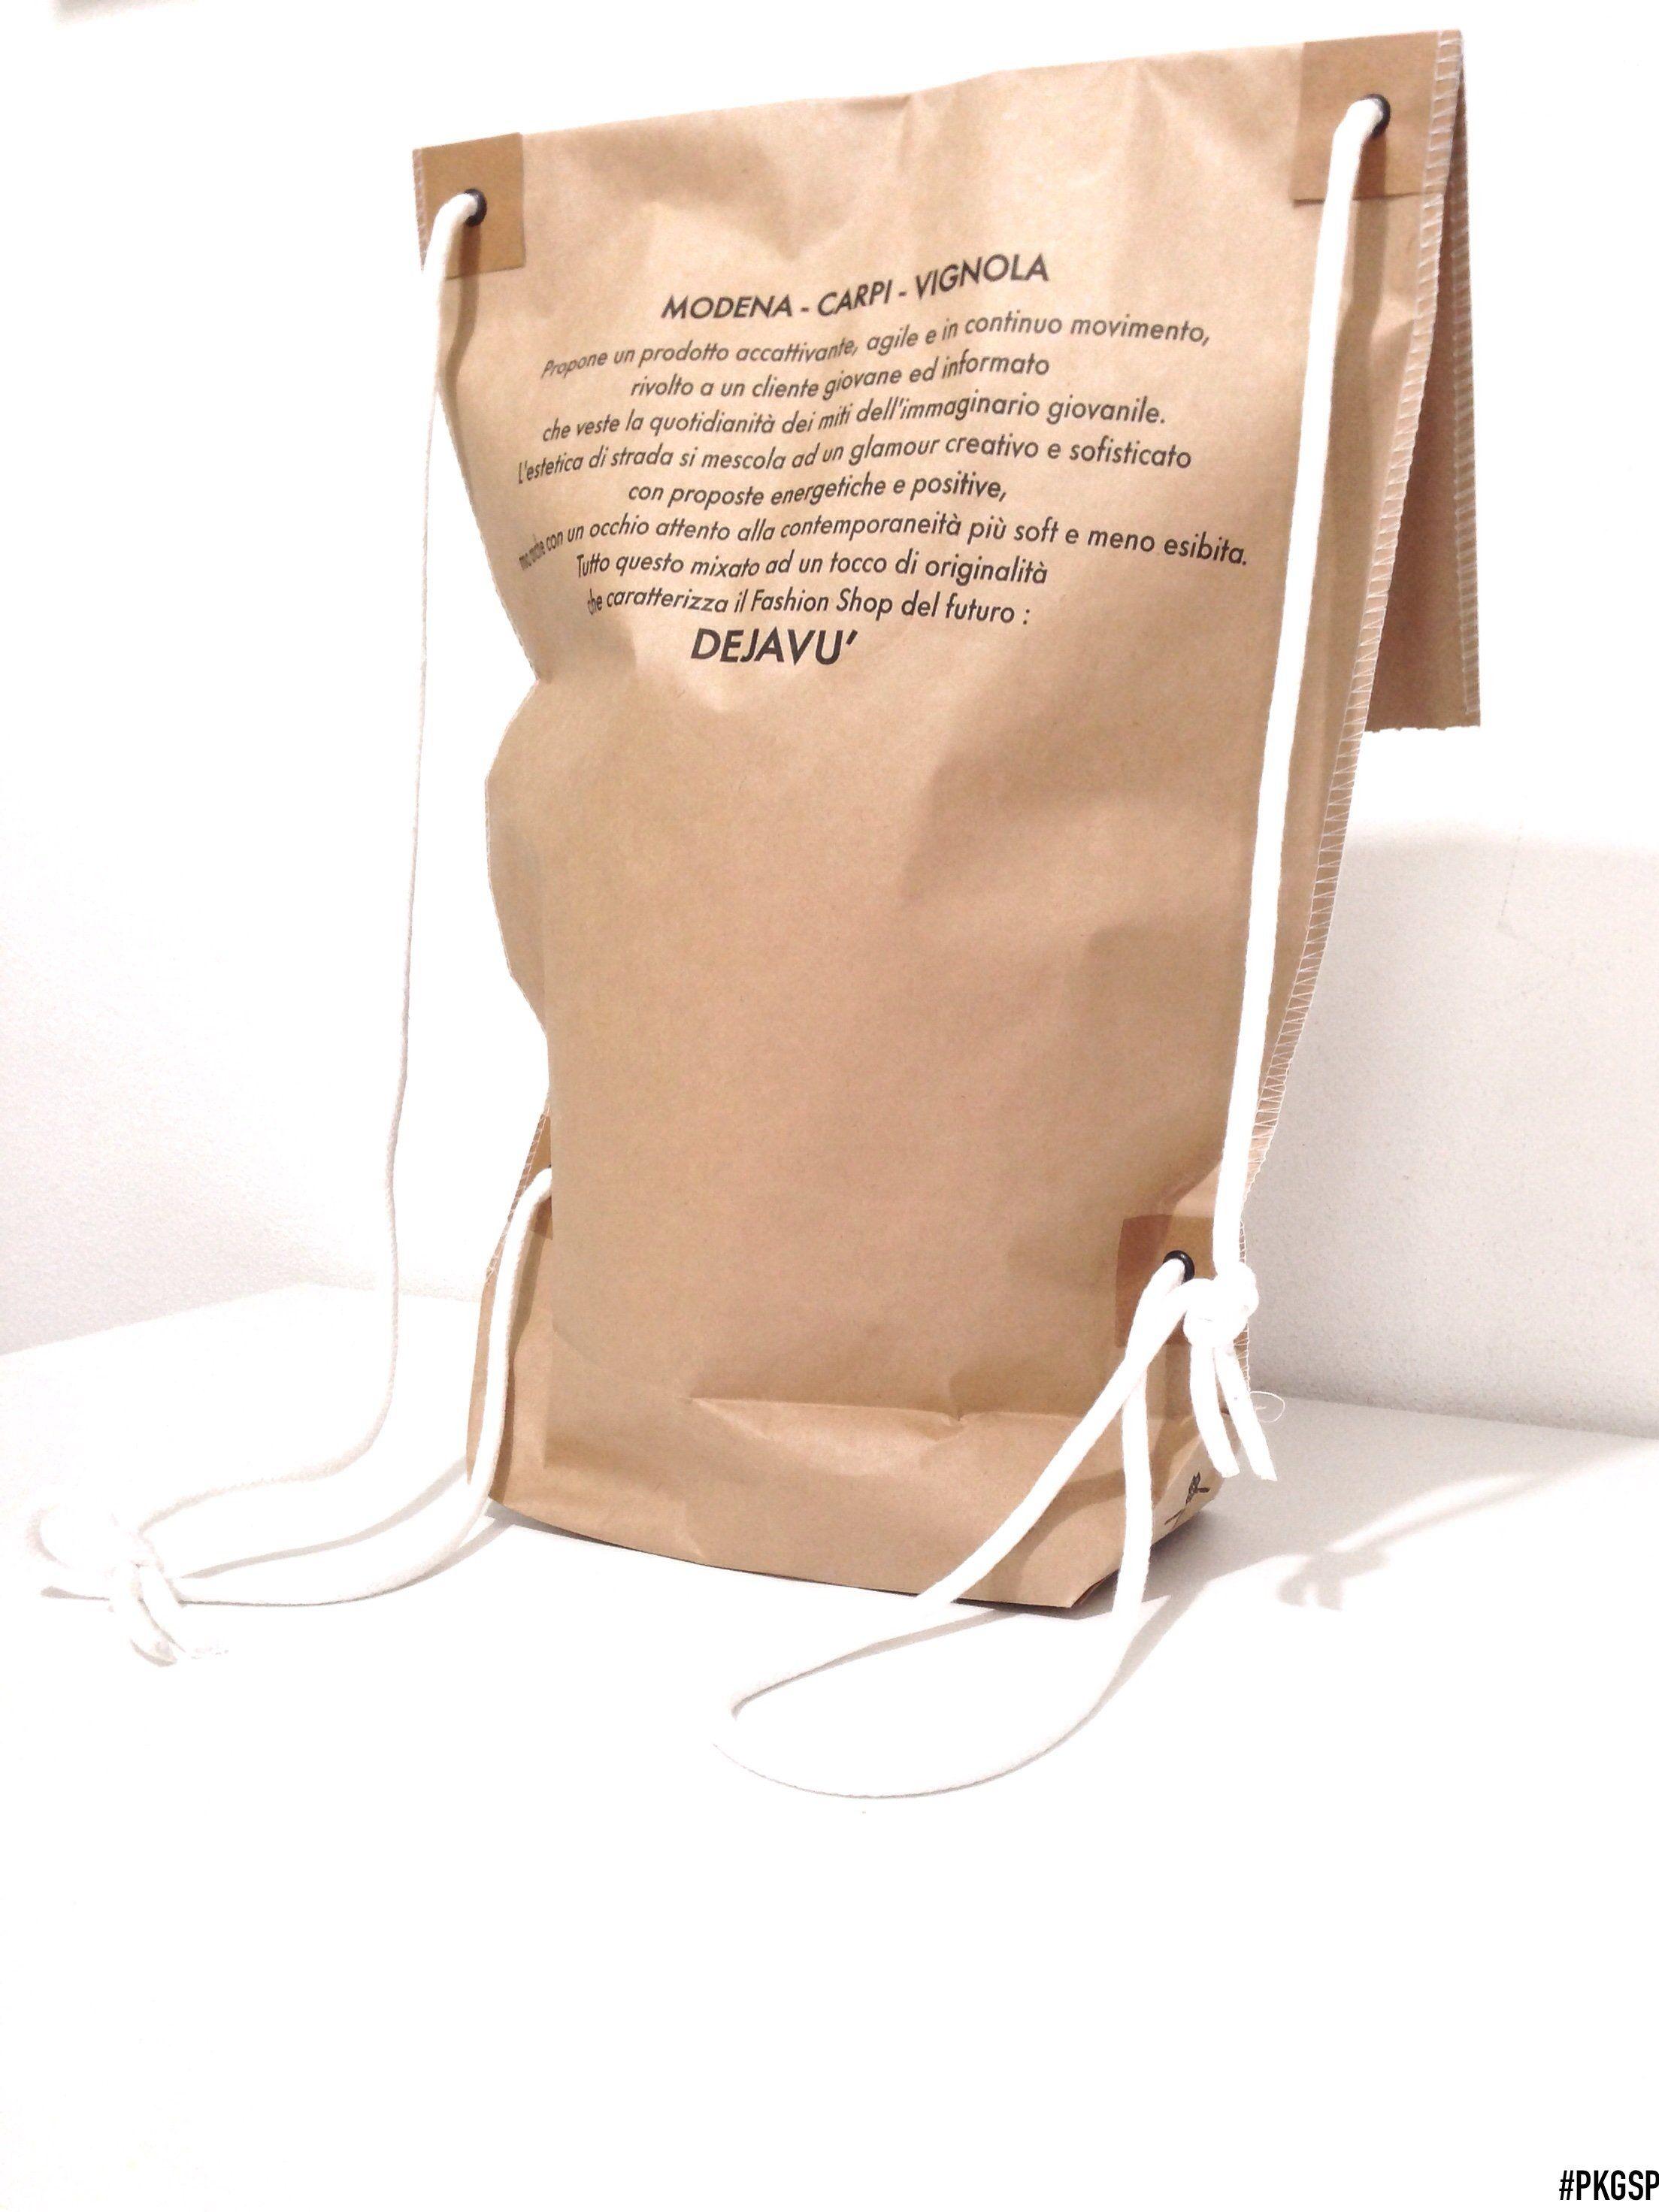 Design packaging packaging specialist packaging - Cement Bag Backpack By Packaging Specialist Kraft Packaging